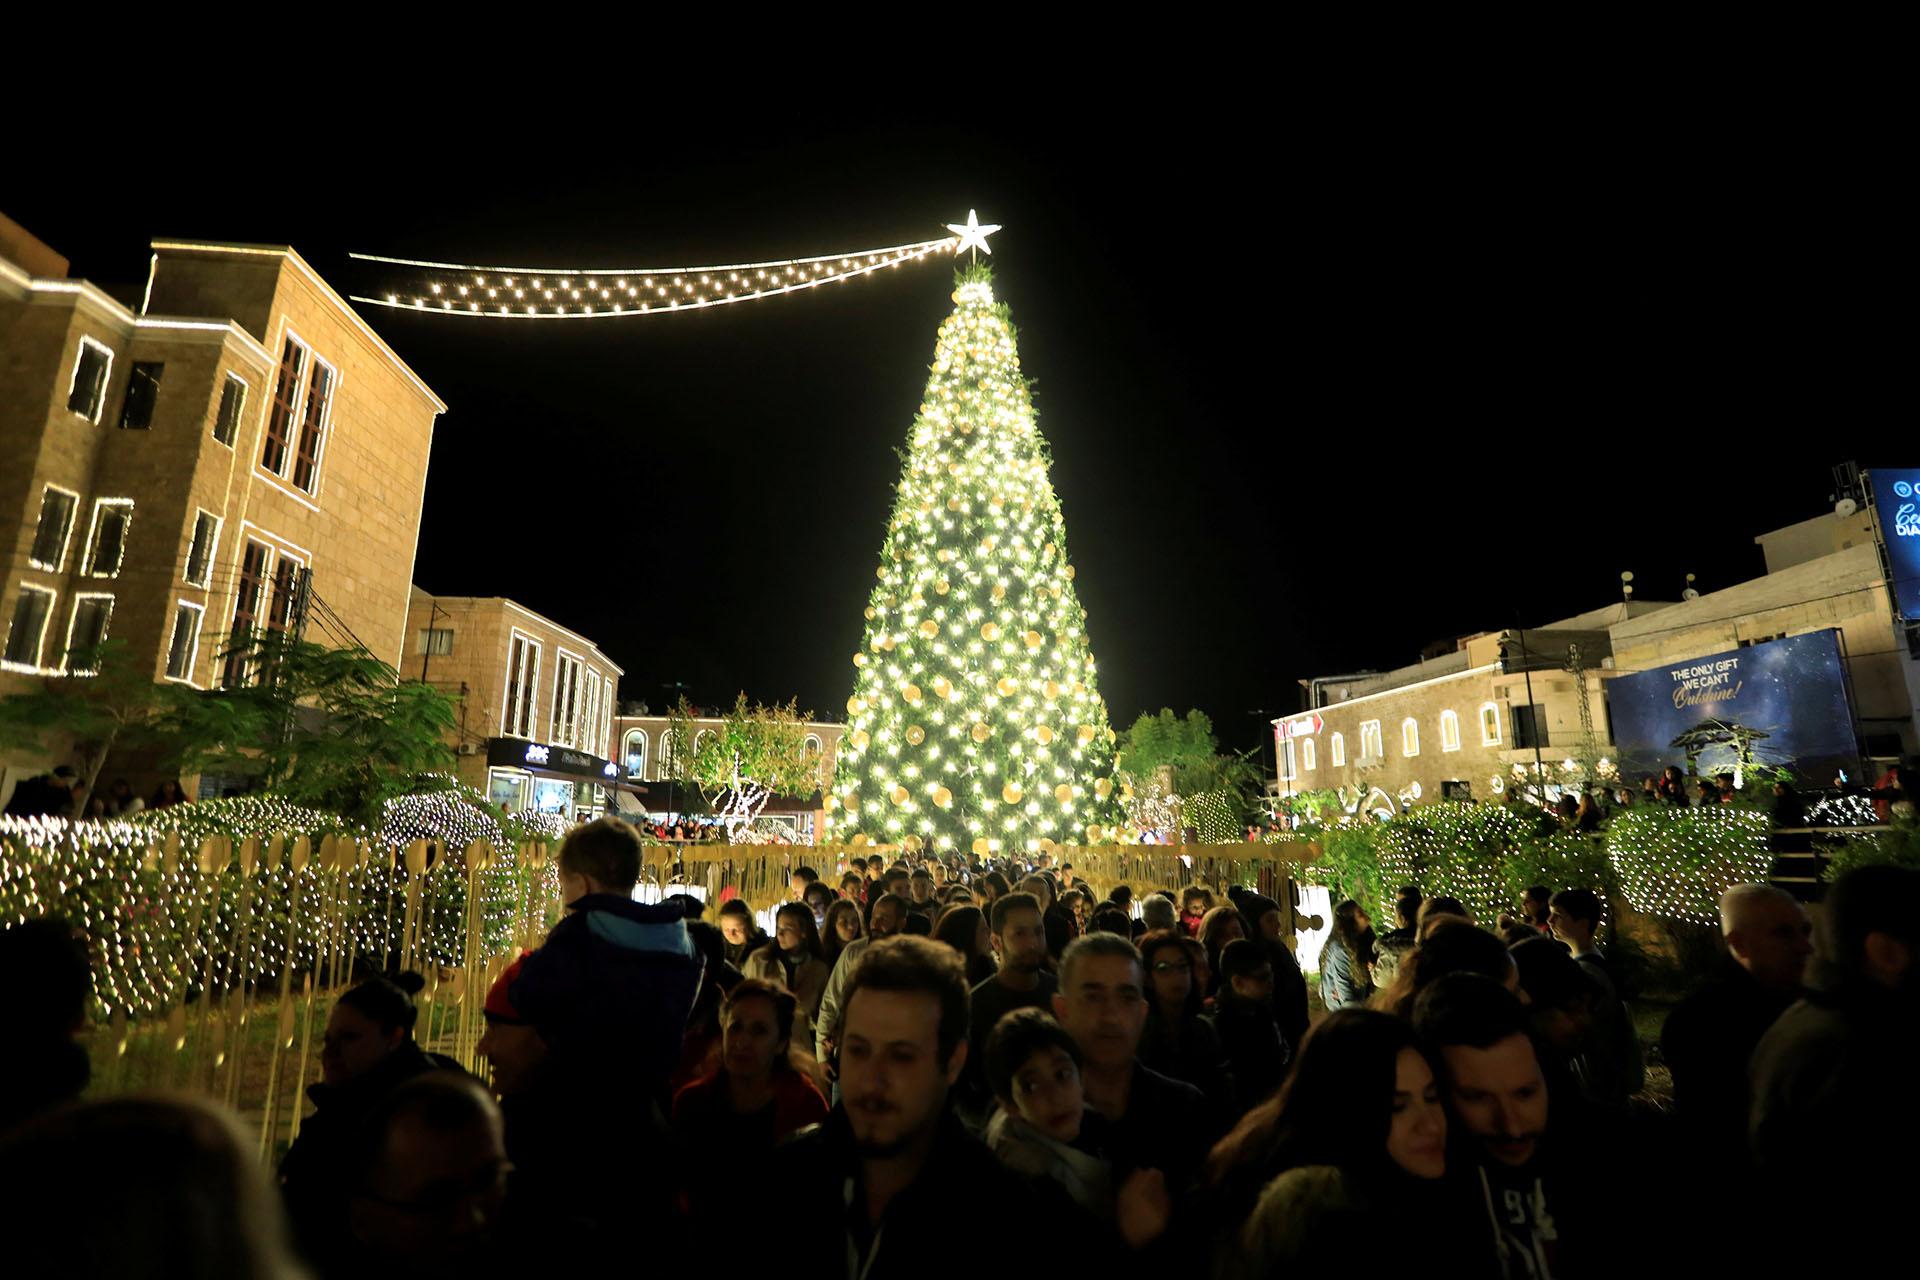 BIBLOS, LÍBANO. Verde, dorado y amarillo. Los colores para el luminoso árbol de la ciudad libanesa